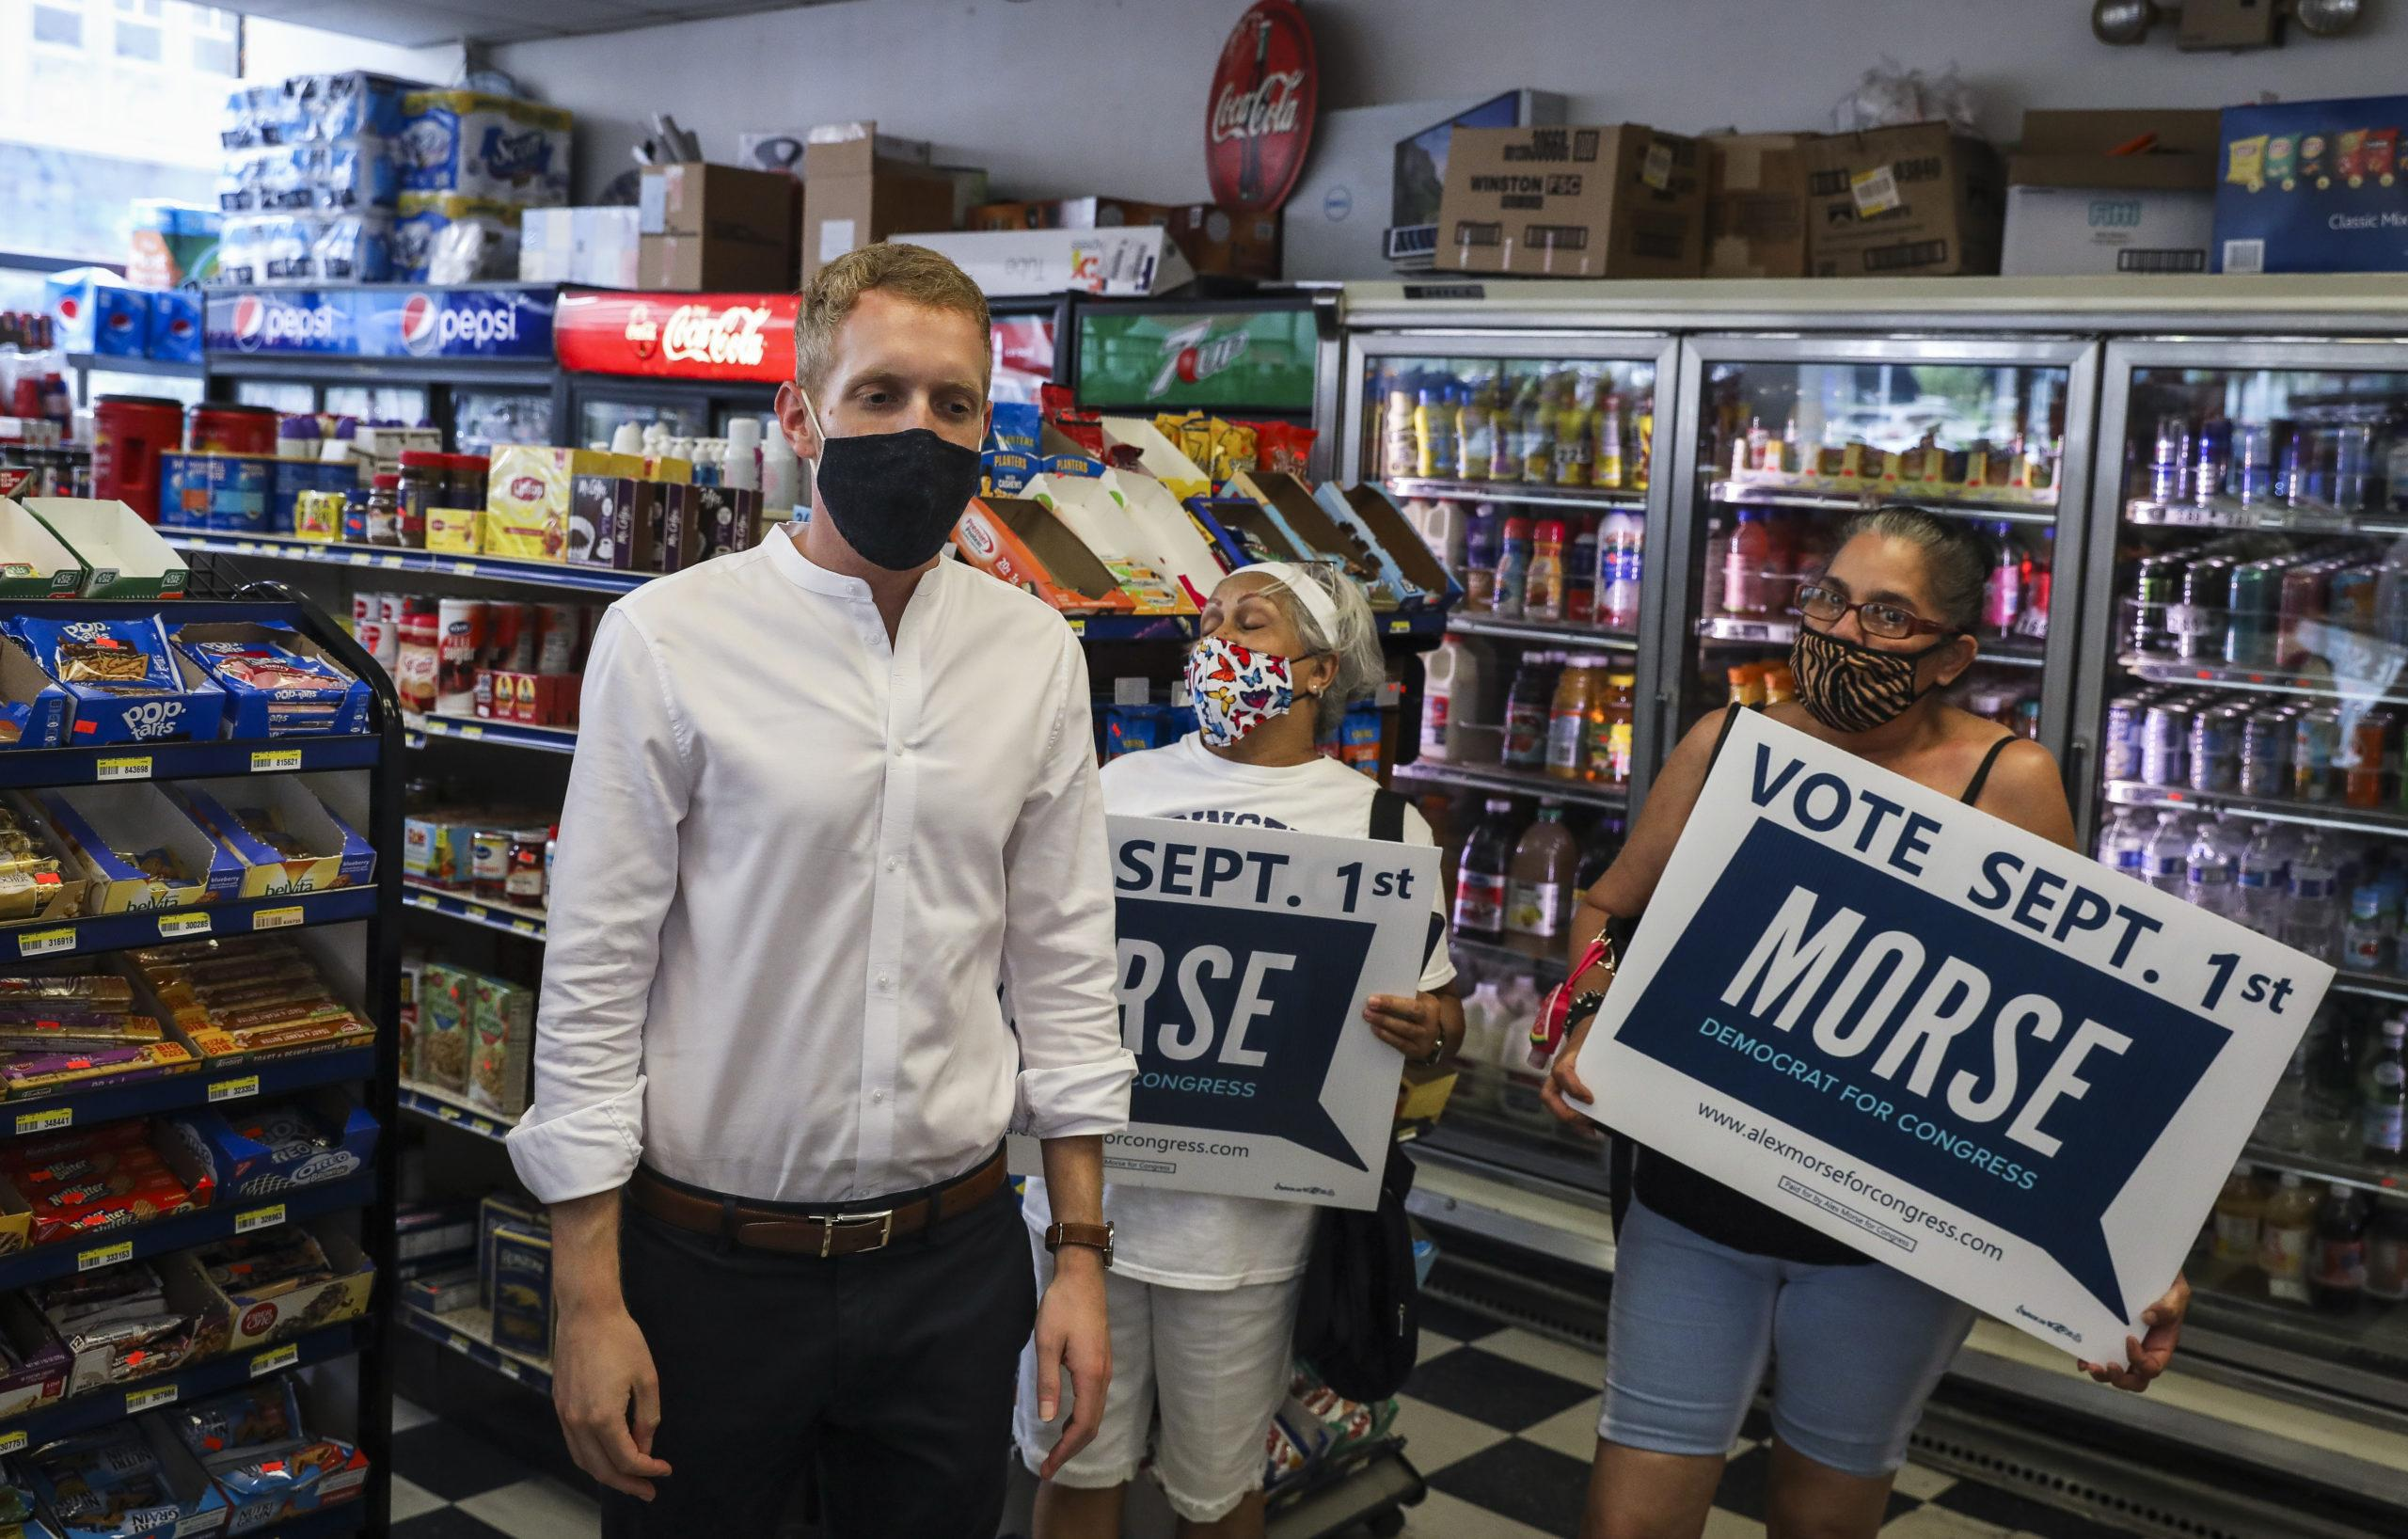 Le maire Alex Morse des campagnes de Holyoke avant les primaires du 1er septembre,